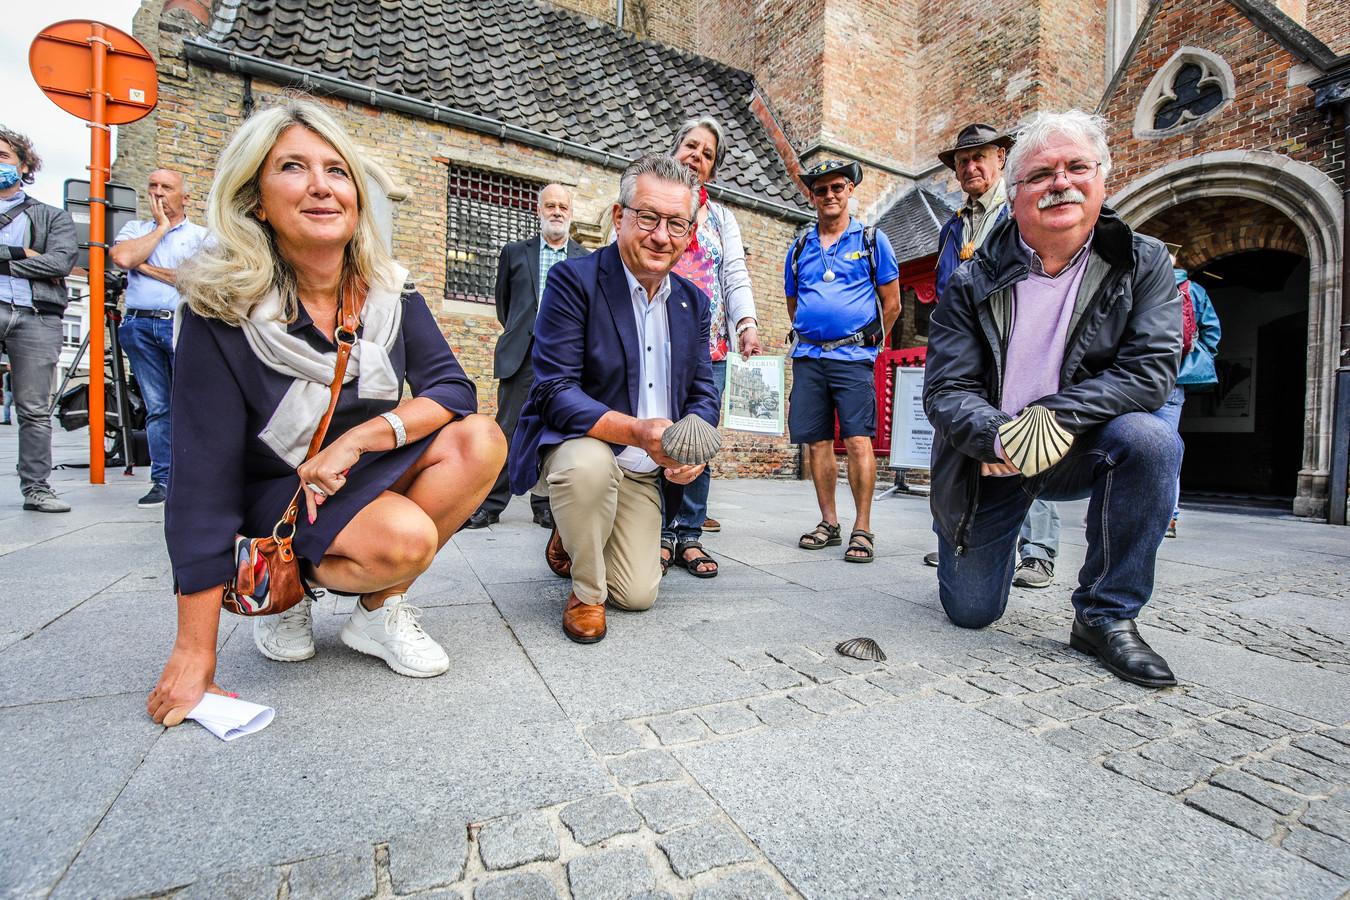 Schepen Mercedes Van Volcem, burgemeester Dirk De fauw en schepen Nico Blontrock bij de 29ste schelp, vlak bij de doopkapel van de Sint-Salvatorskathedraal.